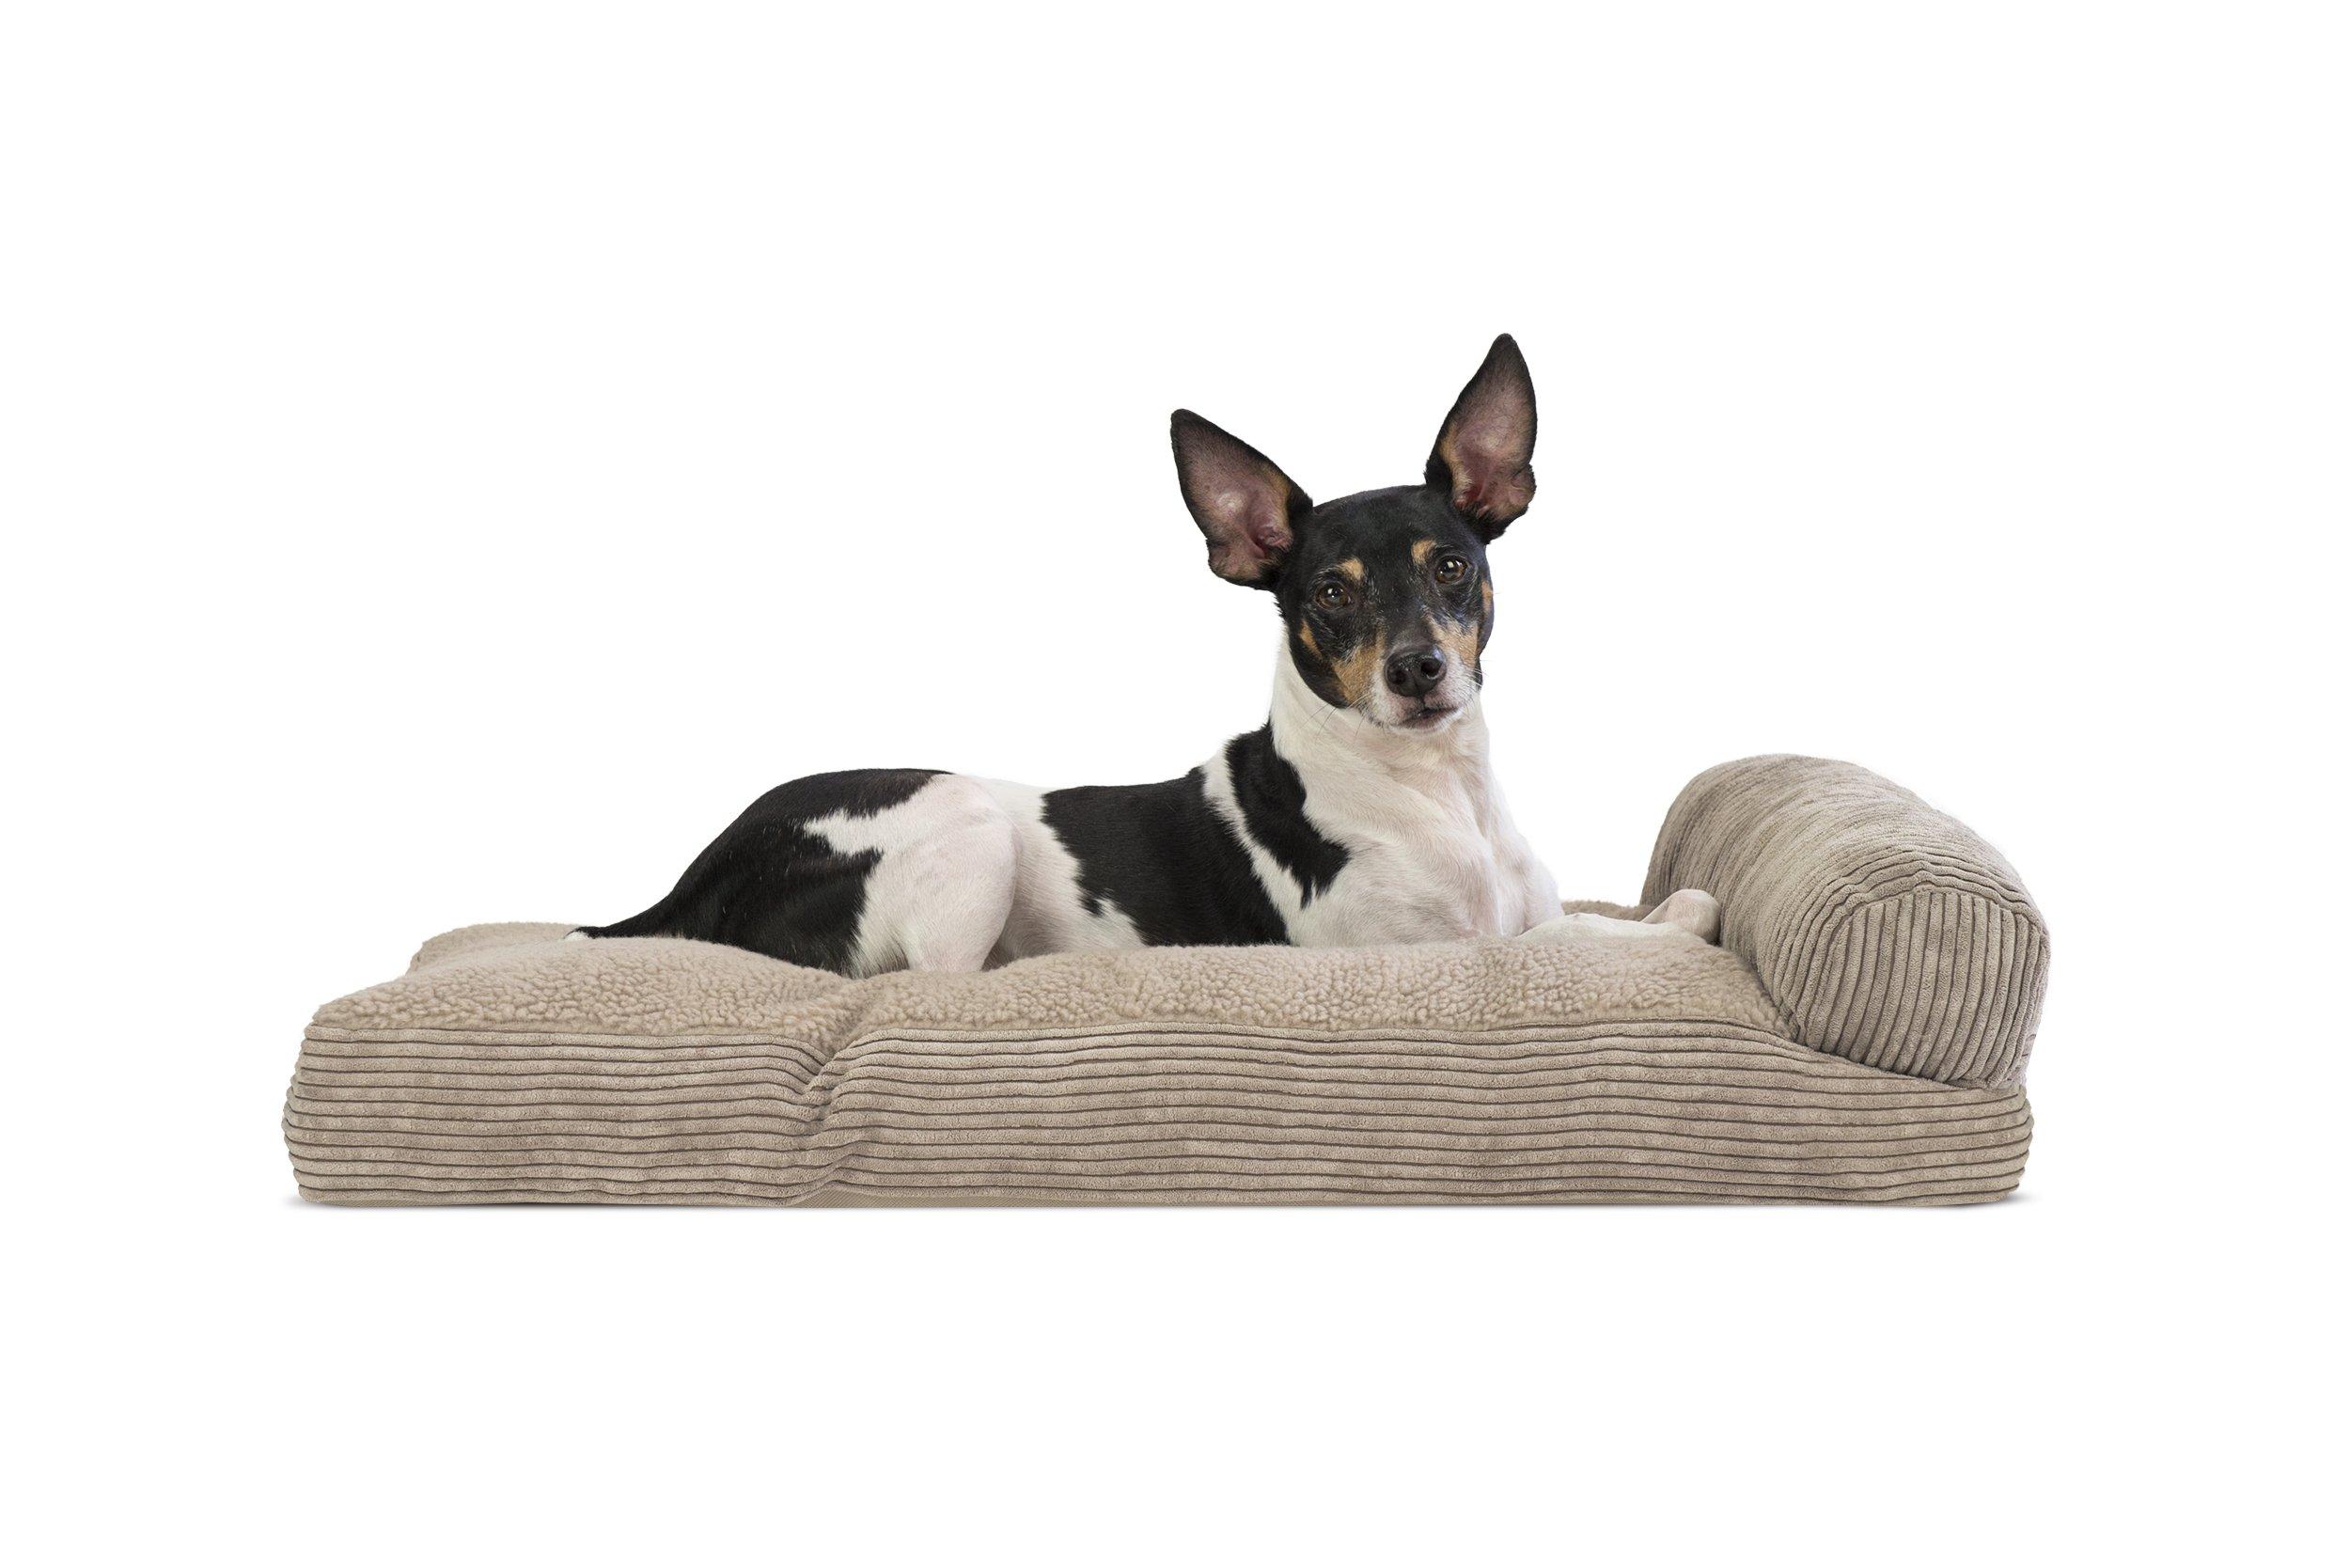 FurHaven Faux Fleece & Corduroy Chaise Lounge Pillow Sofa-Style Pet Bed, Medium, Sandstone